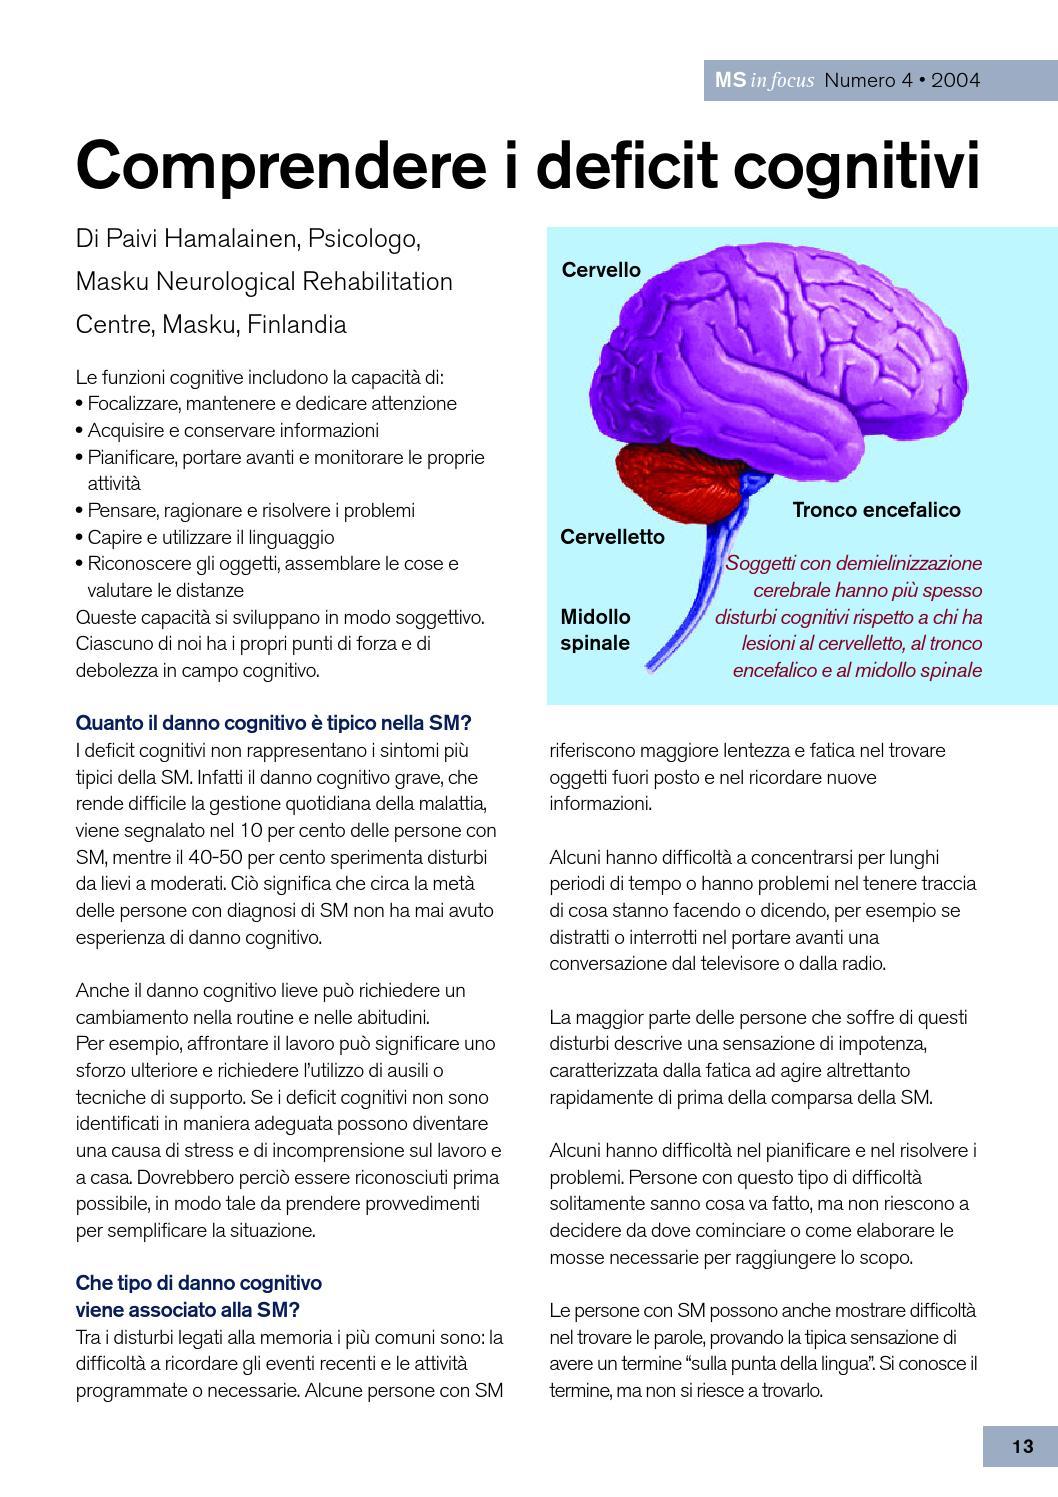 fatti impotenti sul tronco encefalico